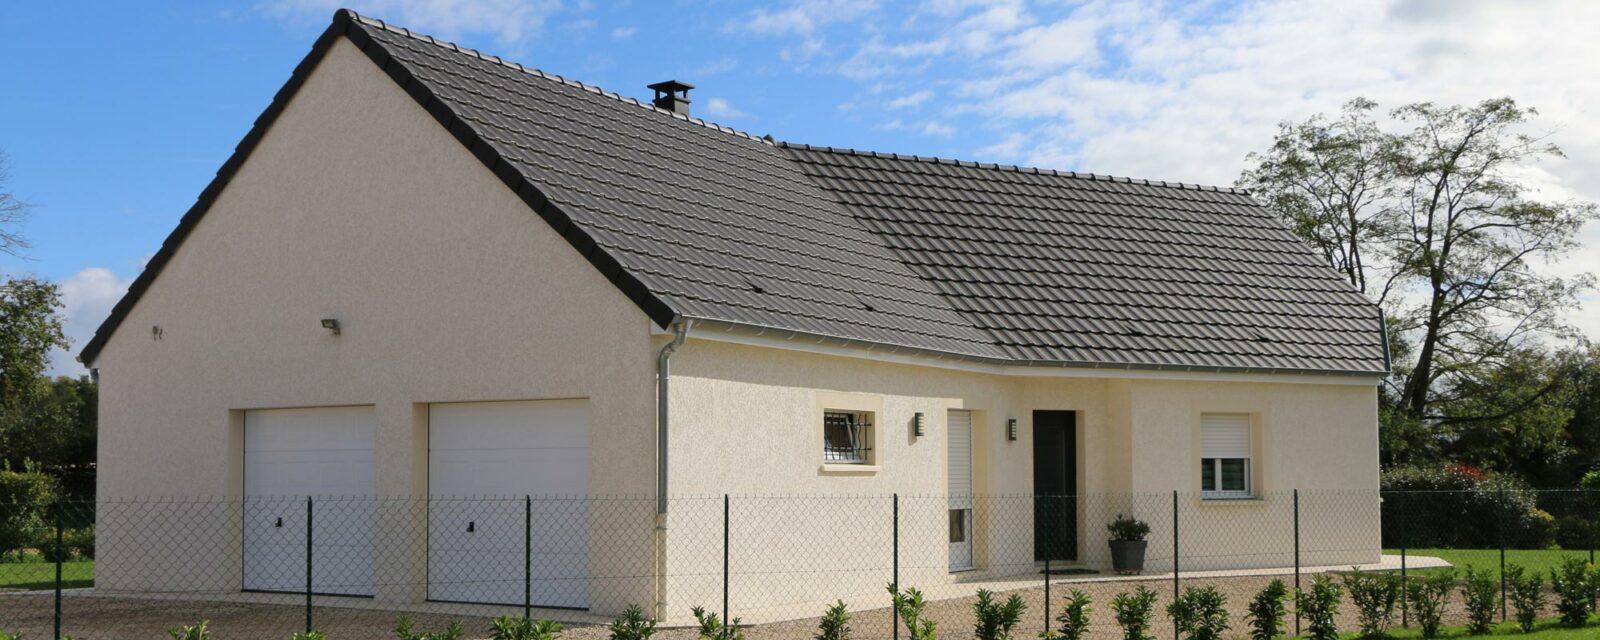 Original et pratique optez pour un plan de maison en v tradidemeures - Plan de maison original ...